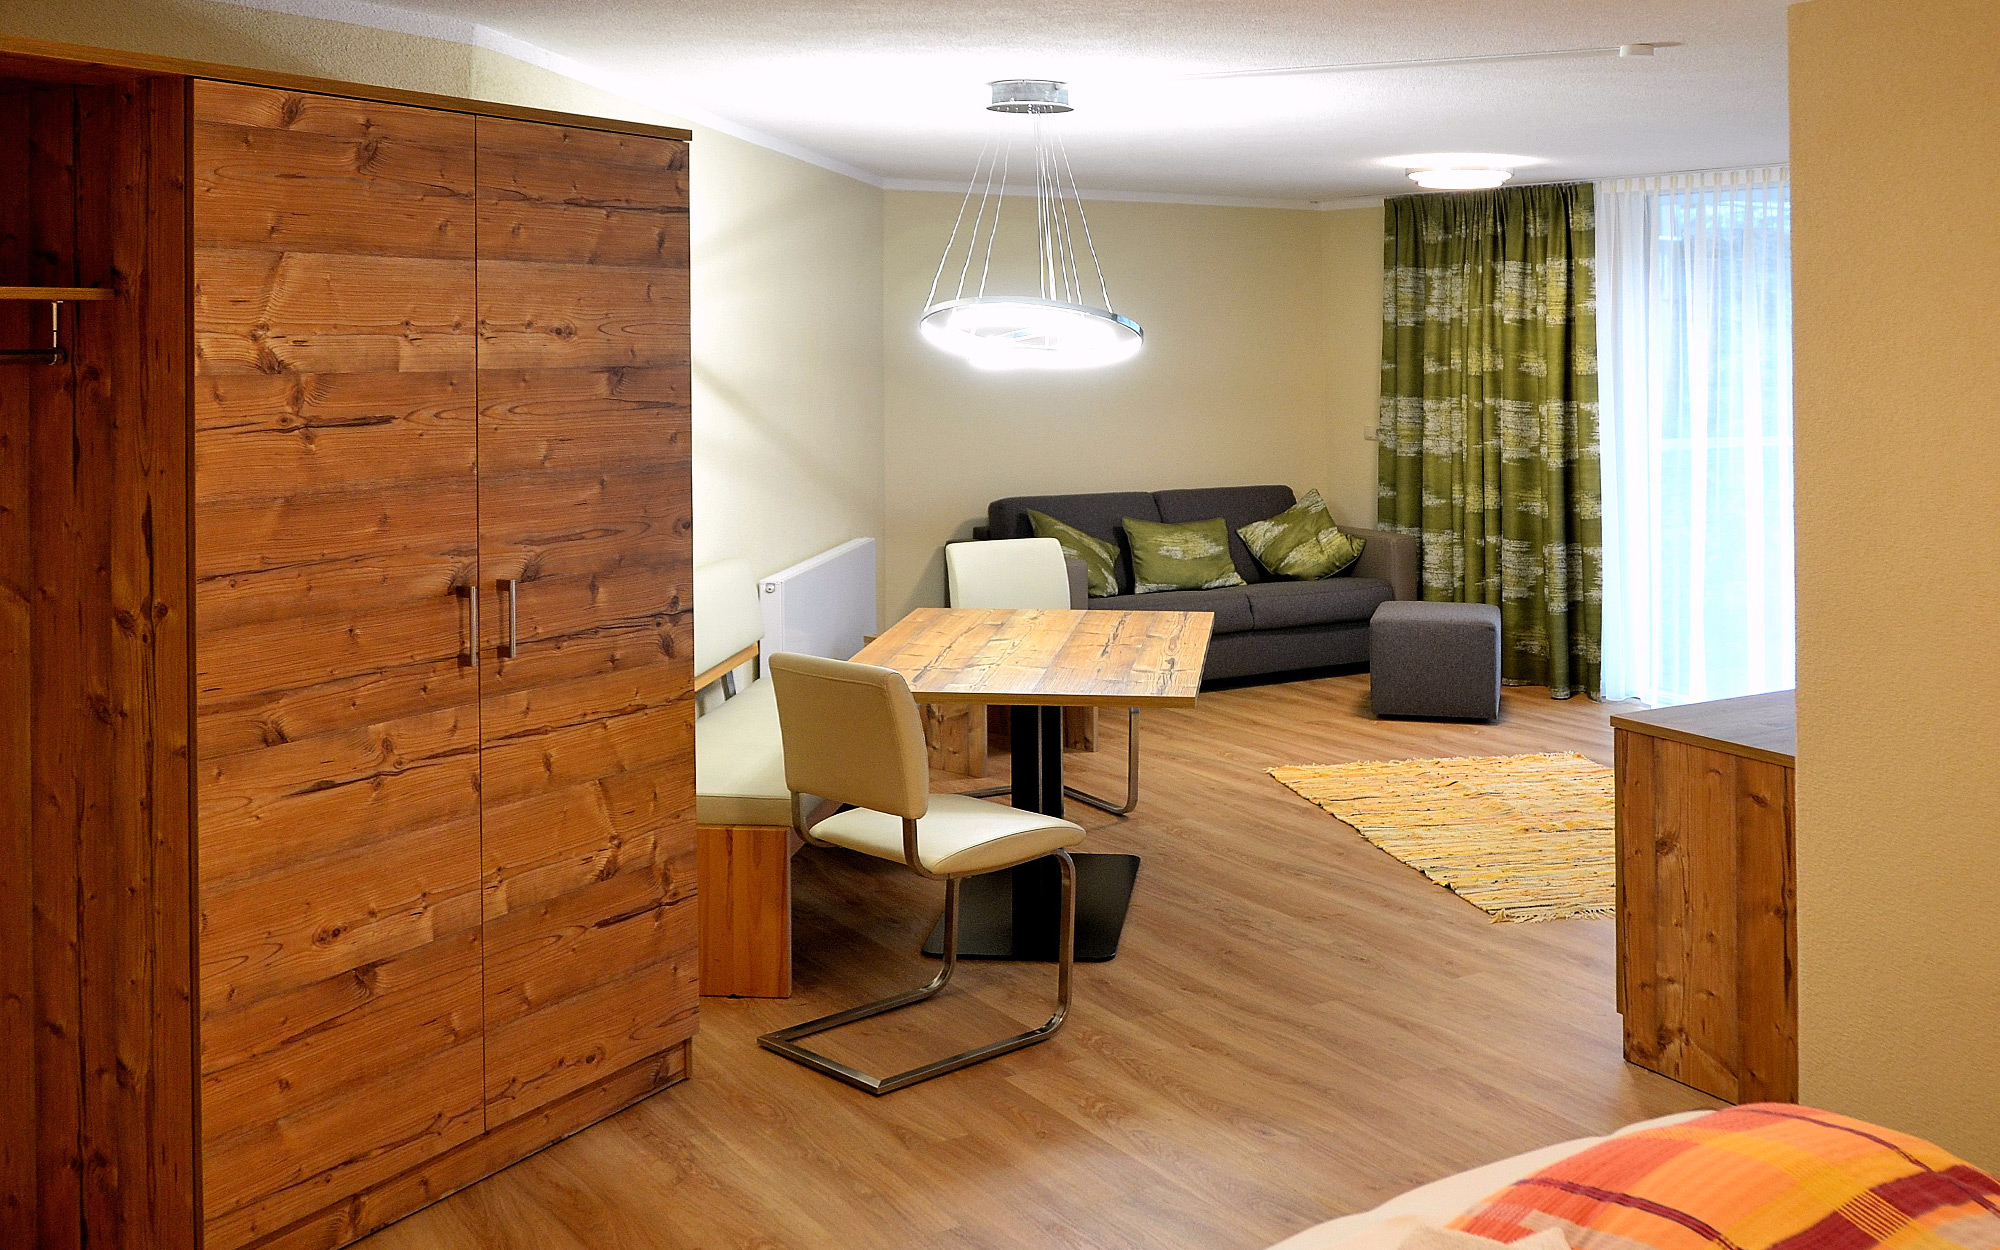 haus steinacker fiss ferienwohnungen am sonnenplateau serfaus fiss ladis ferienwohnungen. Black Bedroom Furniture Sets. Home Design Ideas